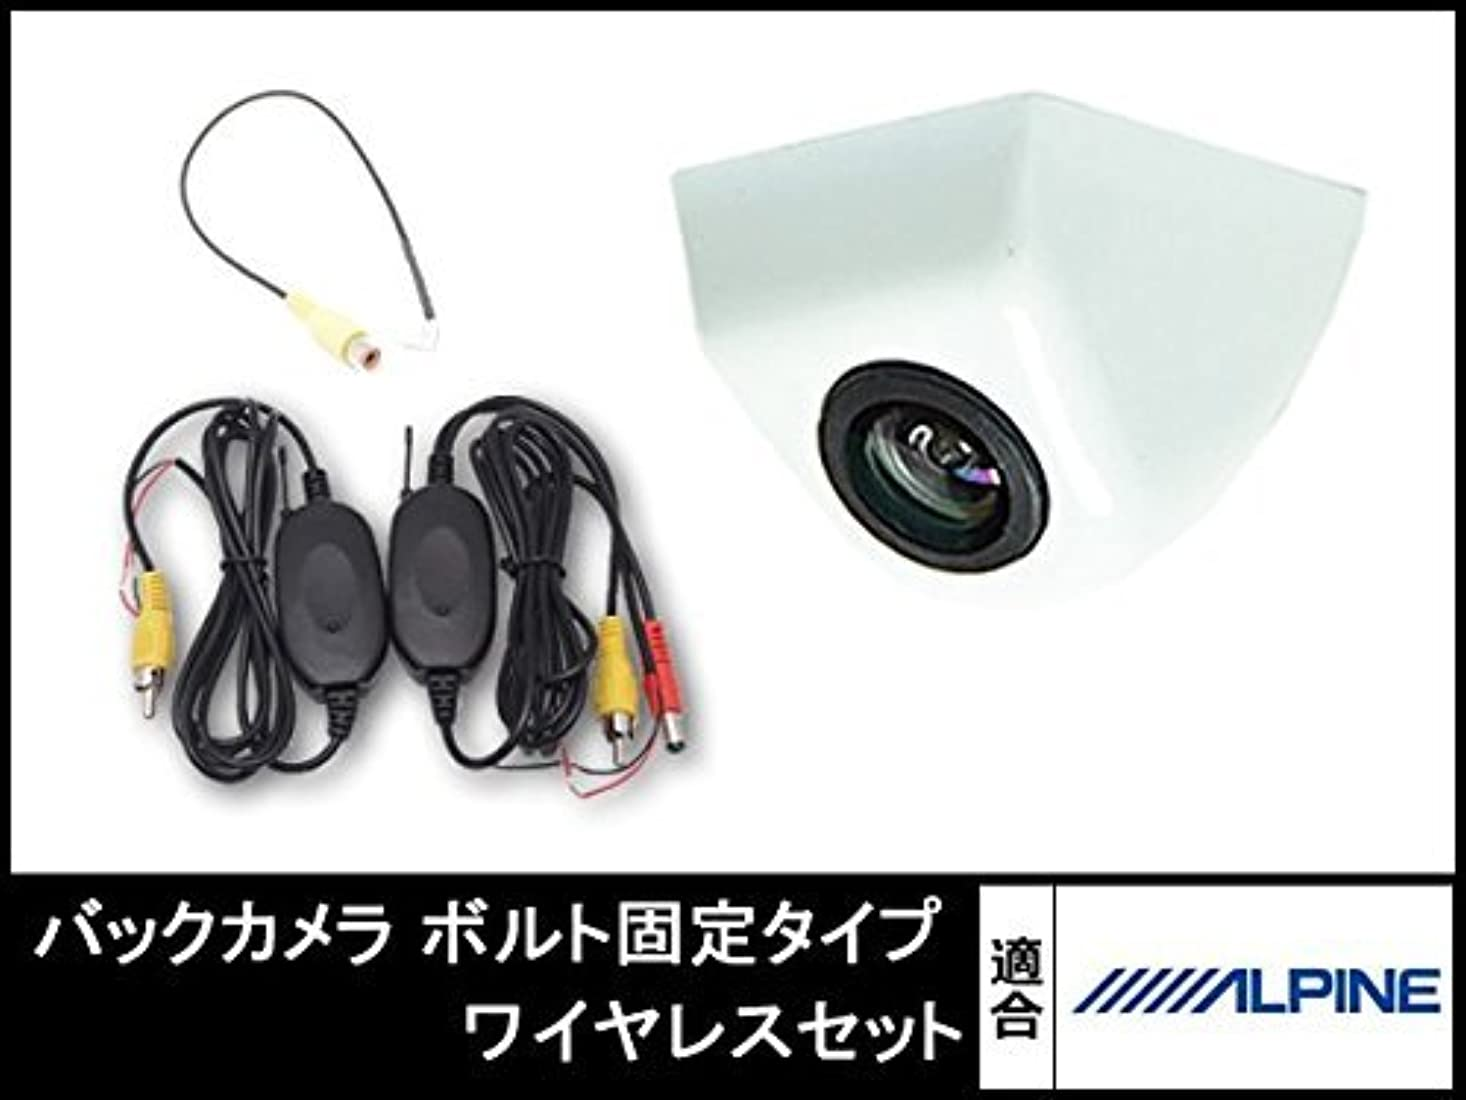 かなり以来免除するセレナ 専用設計ナビ 7W-SE 対応 高画質 バックカメラ ボルト固定タイプ ホワイト 車載用 広角170° 超高精細 CMOS センサー 【ワイヤレスキット付】